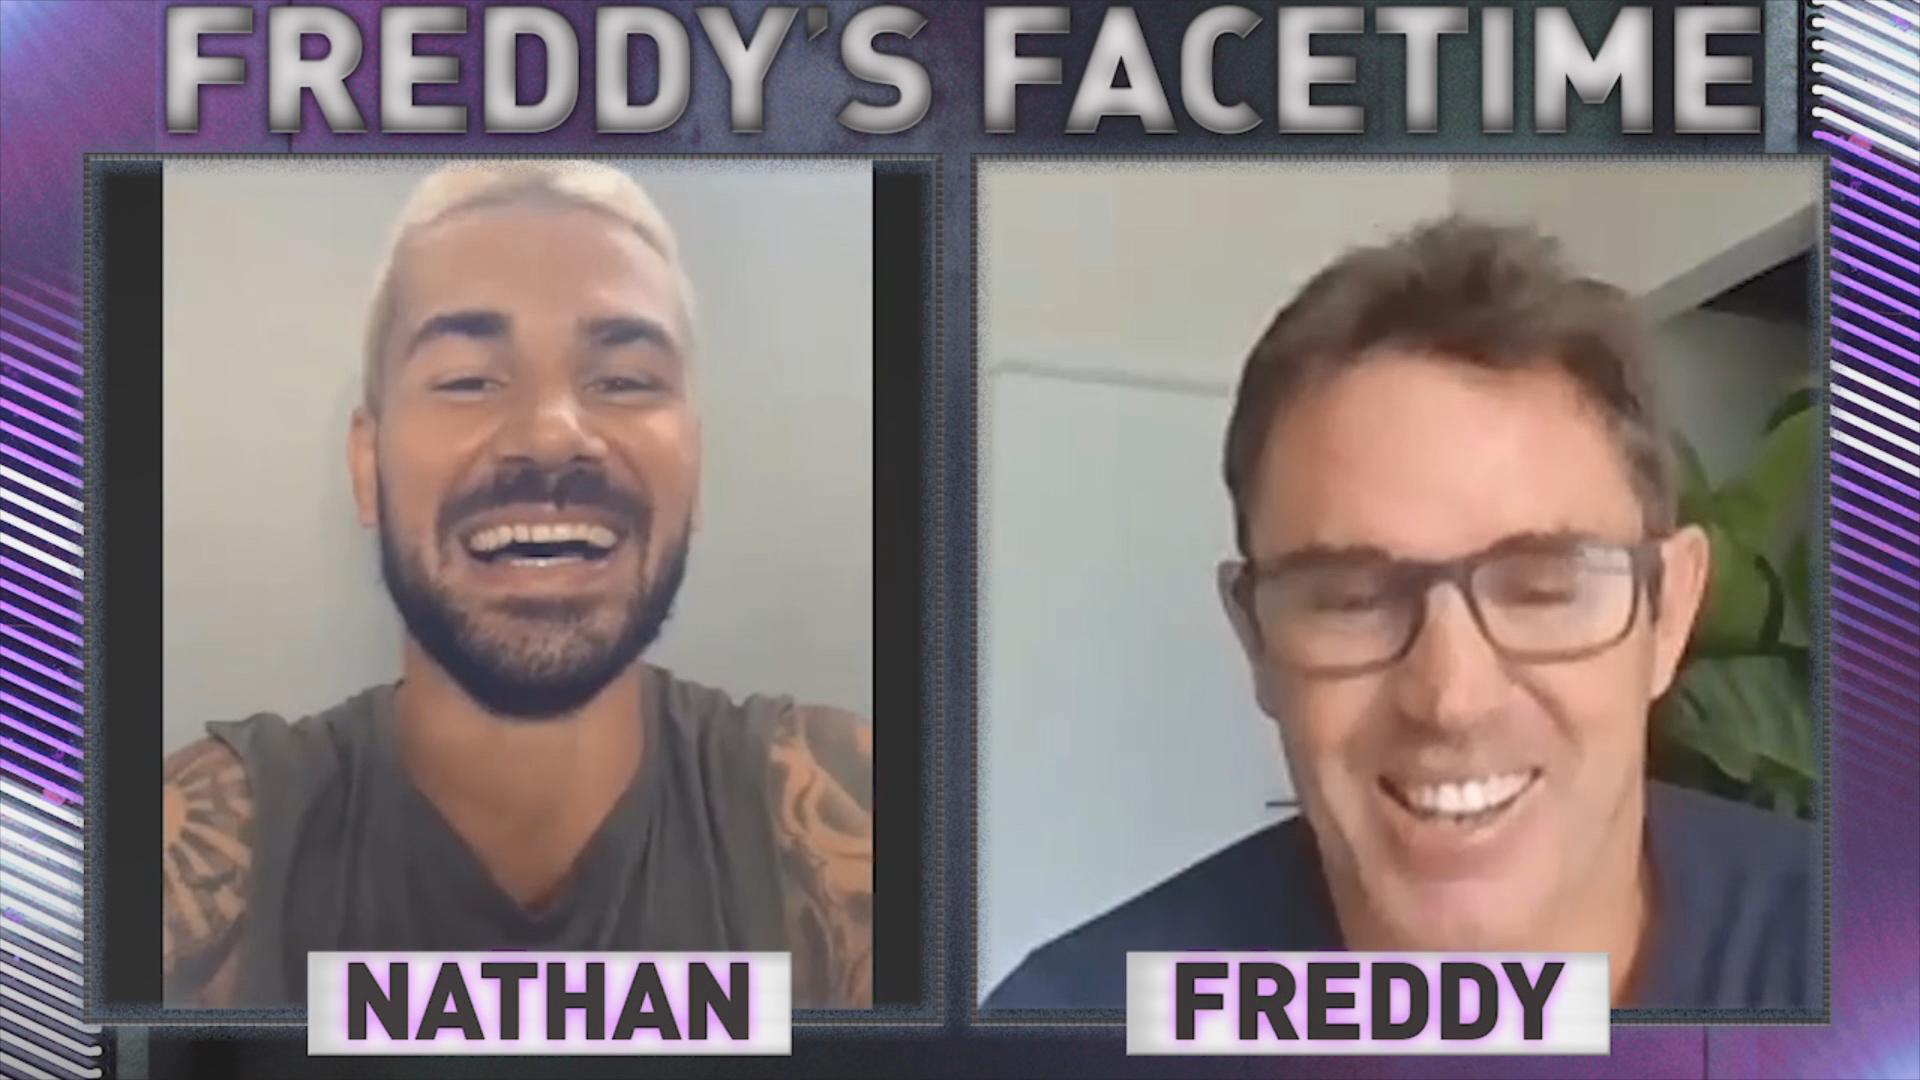 Freddy's Facetime: Episode 1